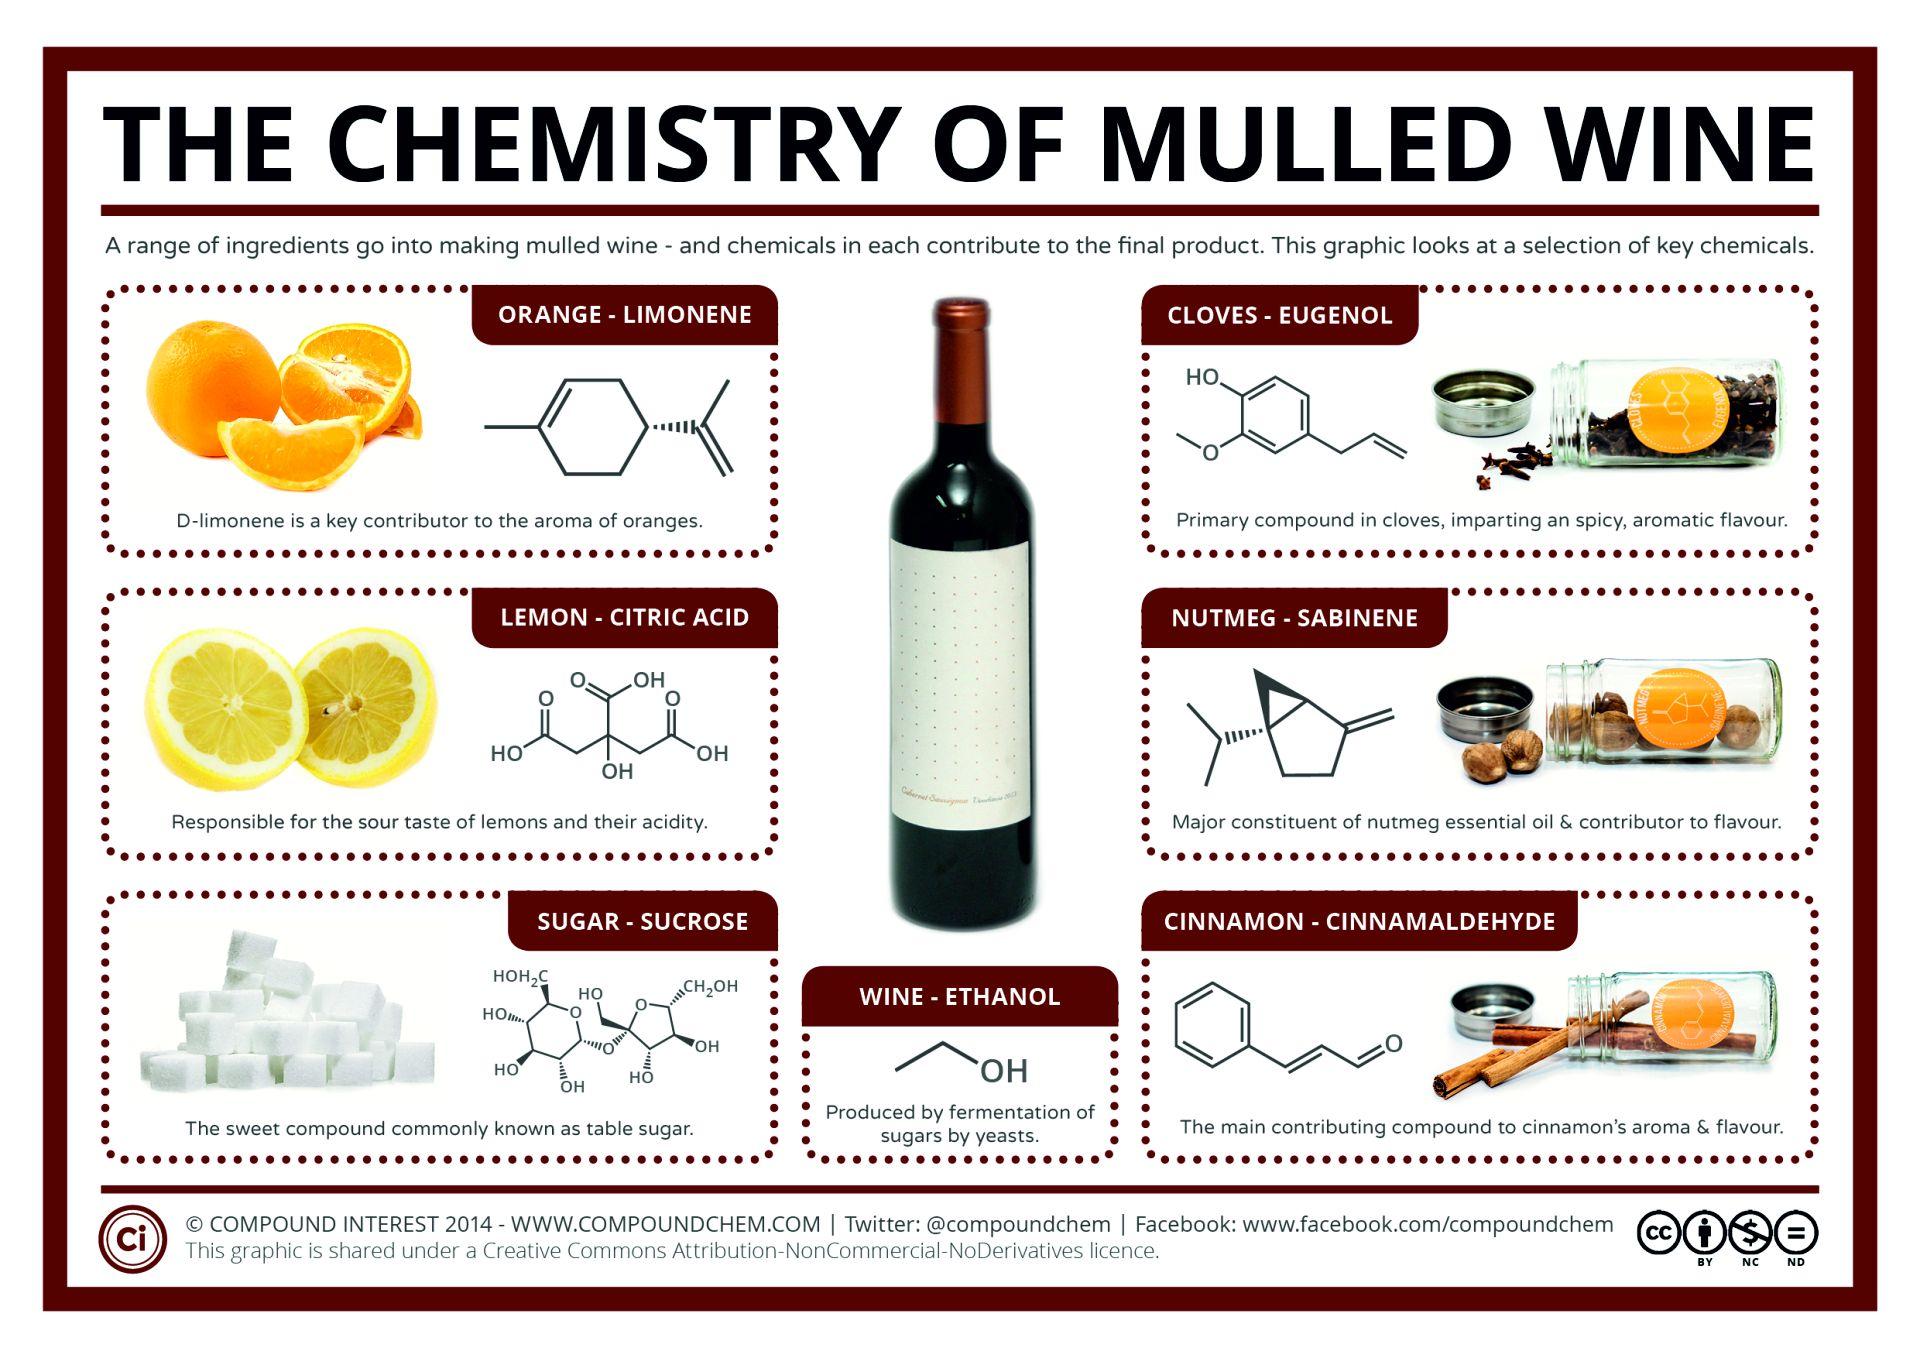 Химический состав глинтвейна и его ингредиентов